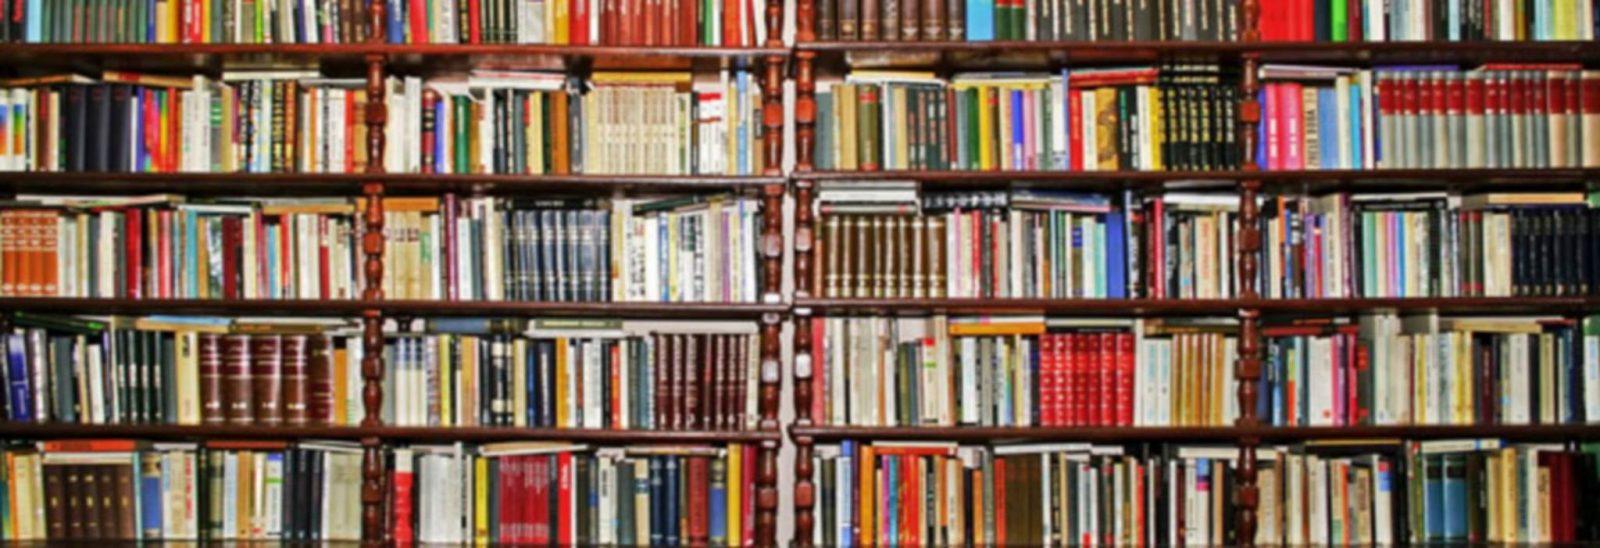 Bibliotheque -Le Guerno- Damgan la roche bernard tourisme